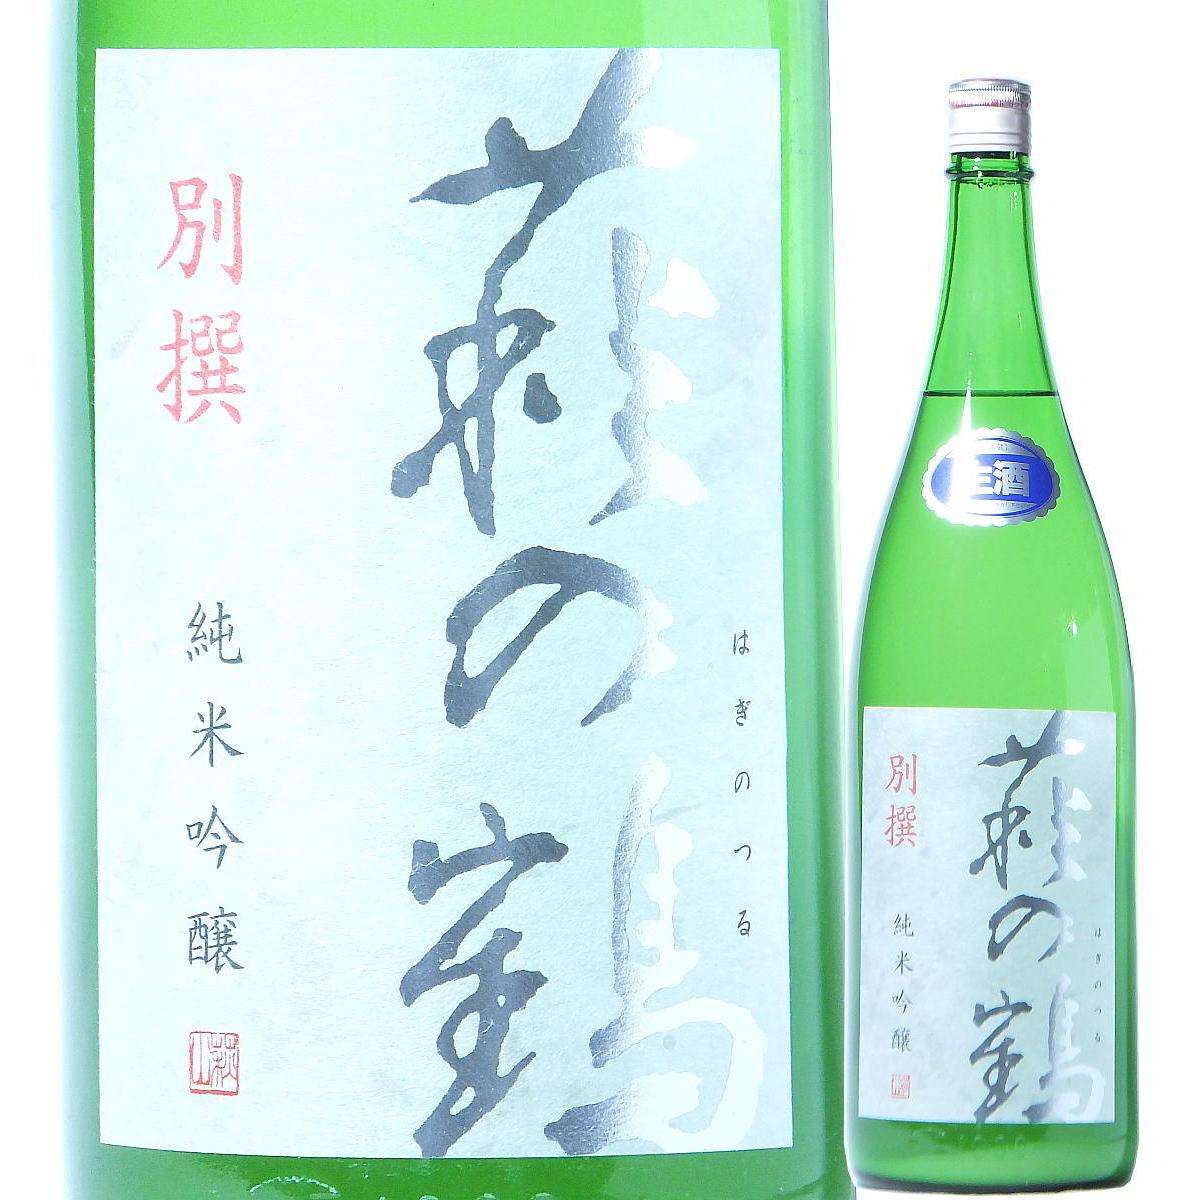 日本酒 720 しぼりたて 新酒 限定酒  萩の鶴 別撰 純米吟醸 生原酒 うすにごり 720ml 29BY(宮城/萩野酒造)はぎのつる 宮城の酒